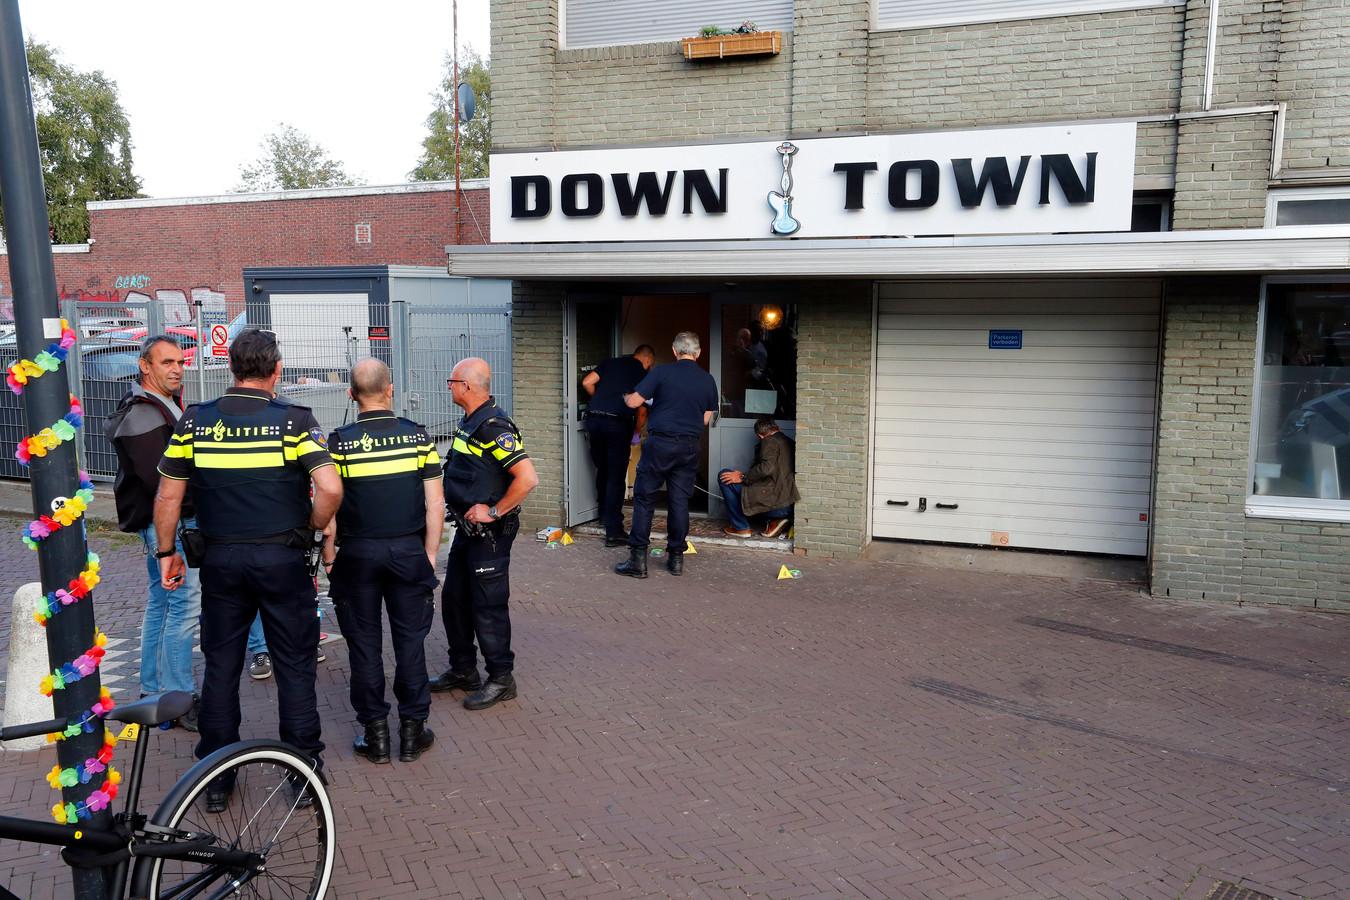 Voor de deur van Down Town aan de Leenderweg in Eindhoven ontplofte in de nacht van vrijdag op zaterdag een handgranaat.